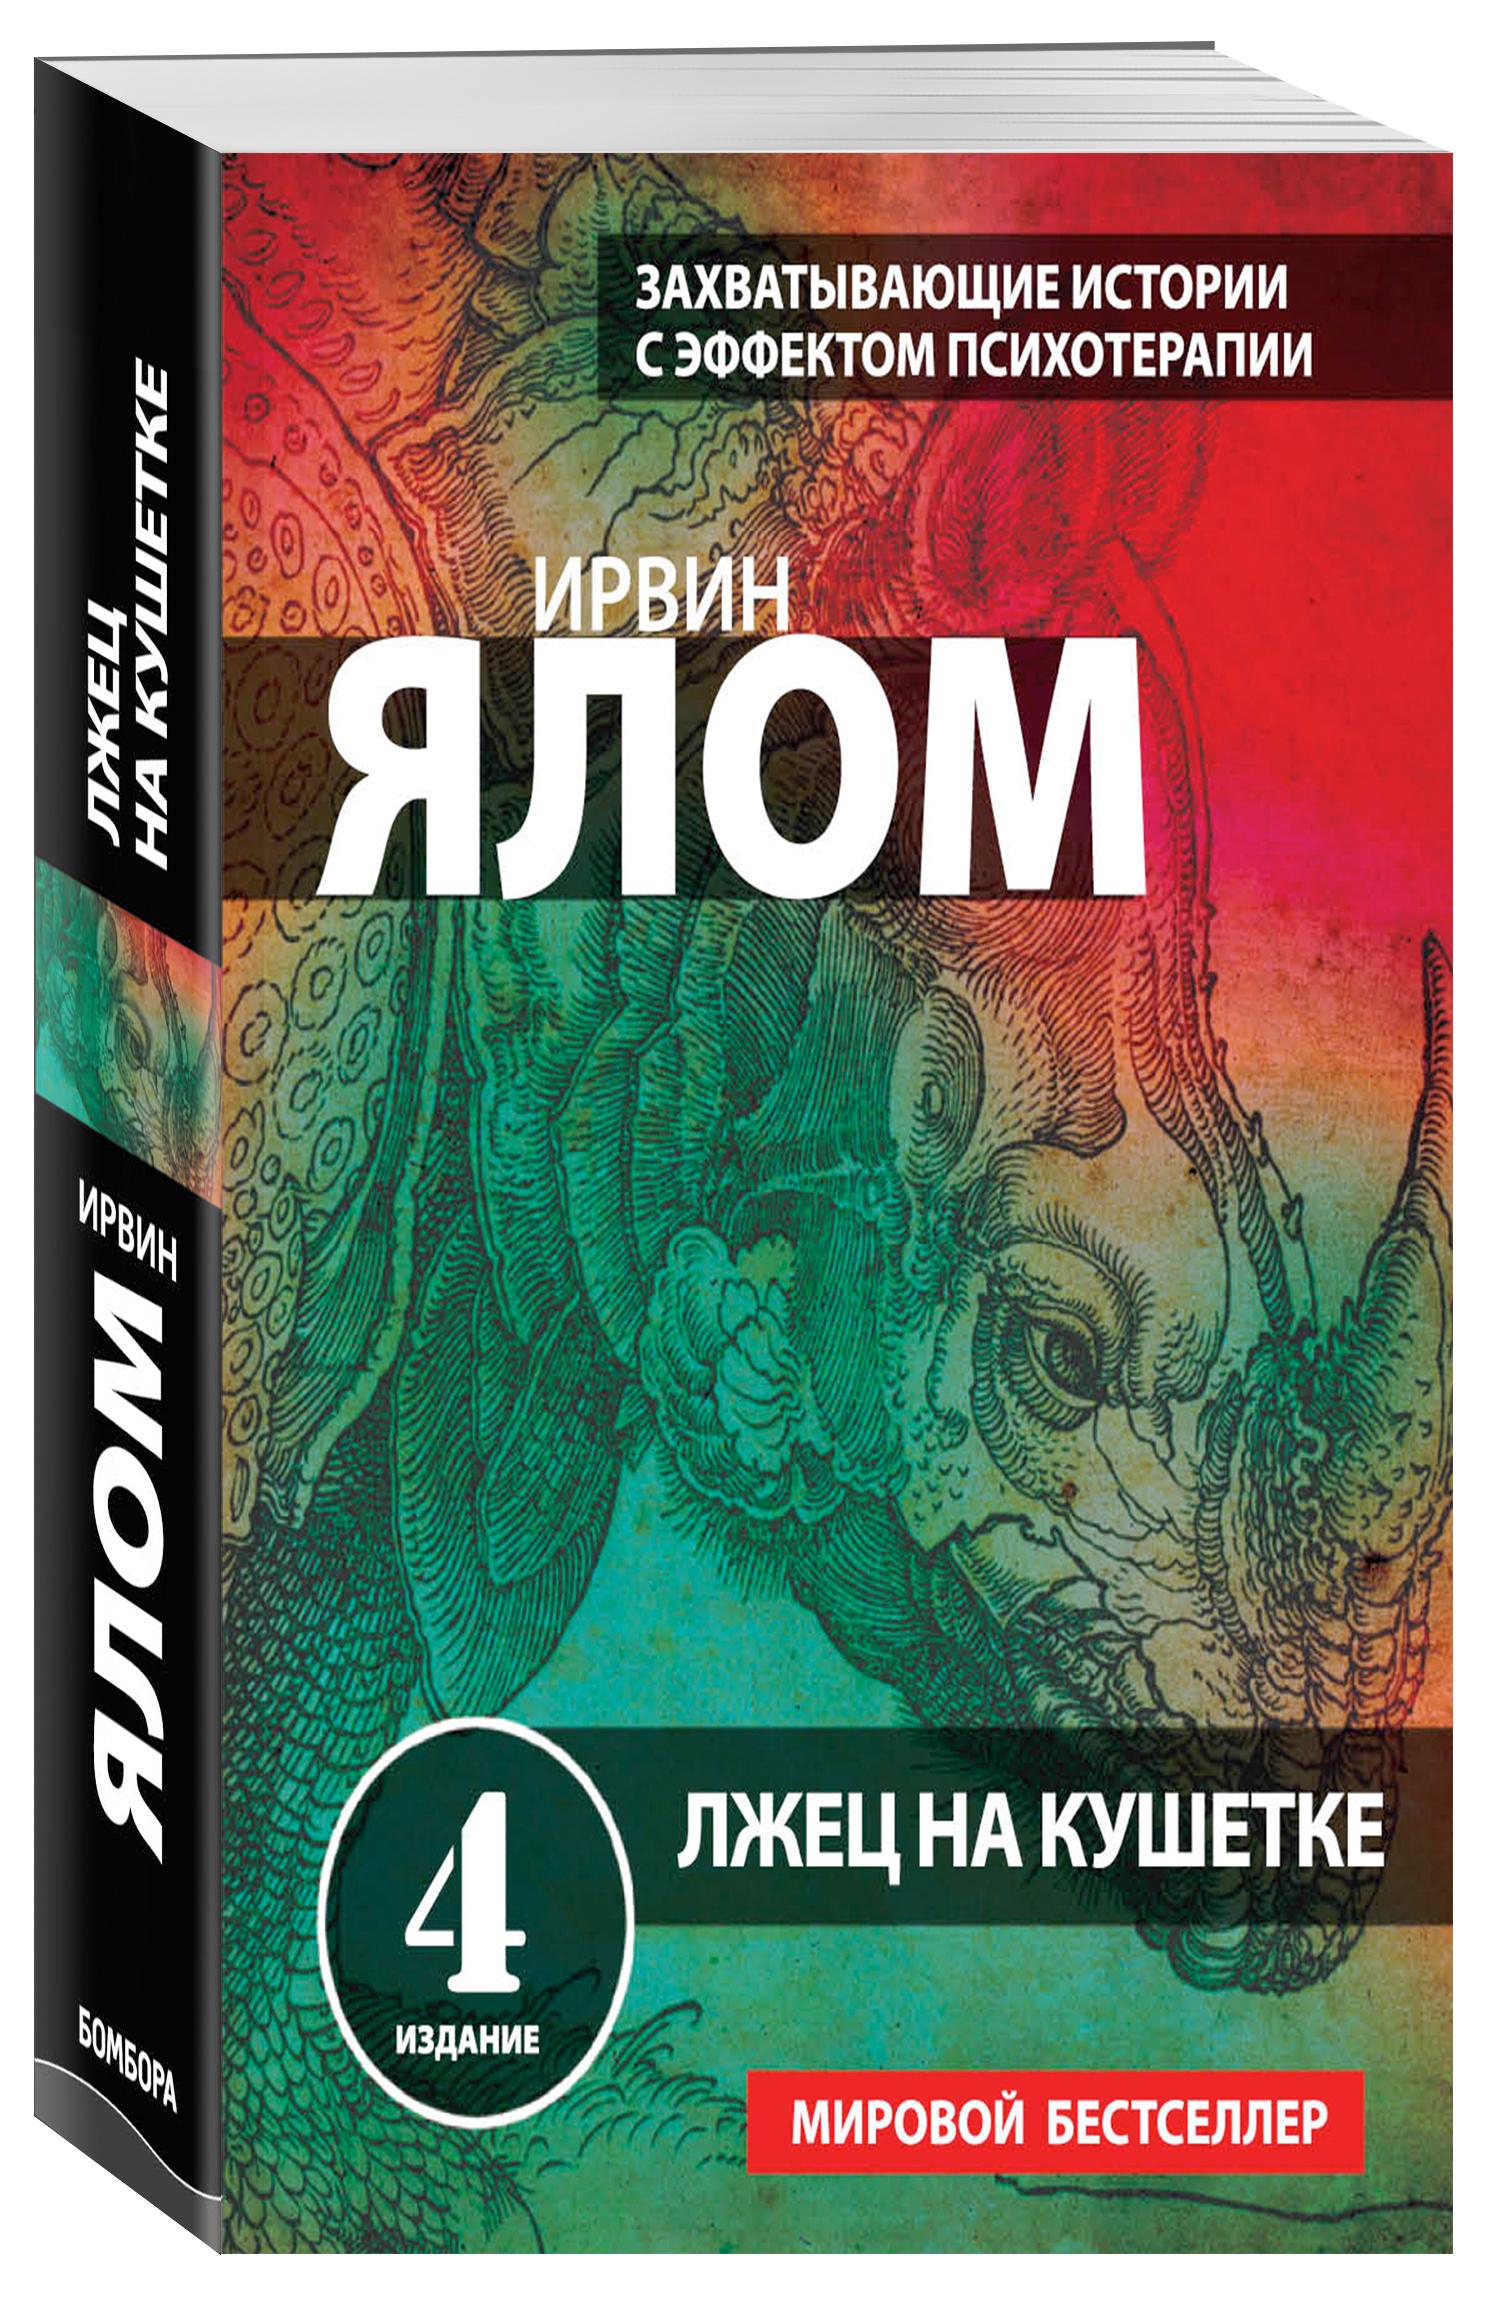 Ялом И. Лжец на кушетке ISBN: 978-5-699-76969-8